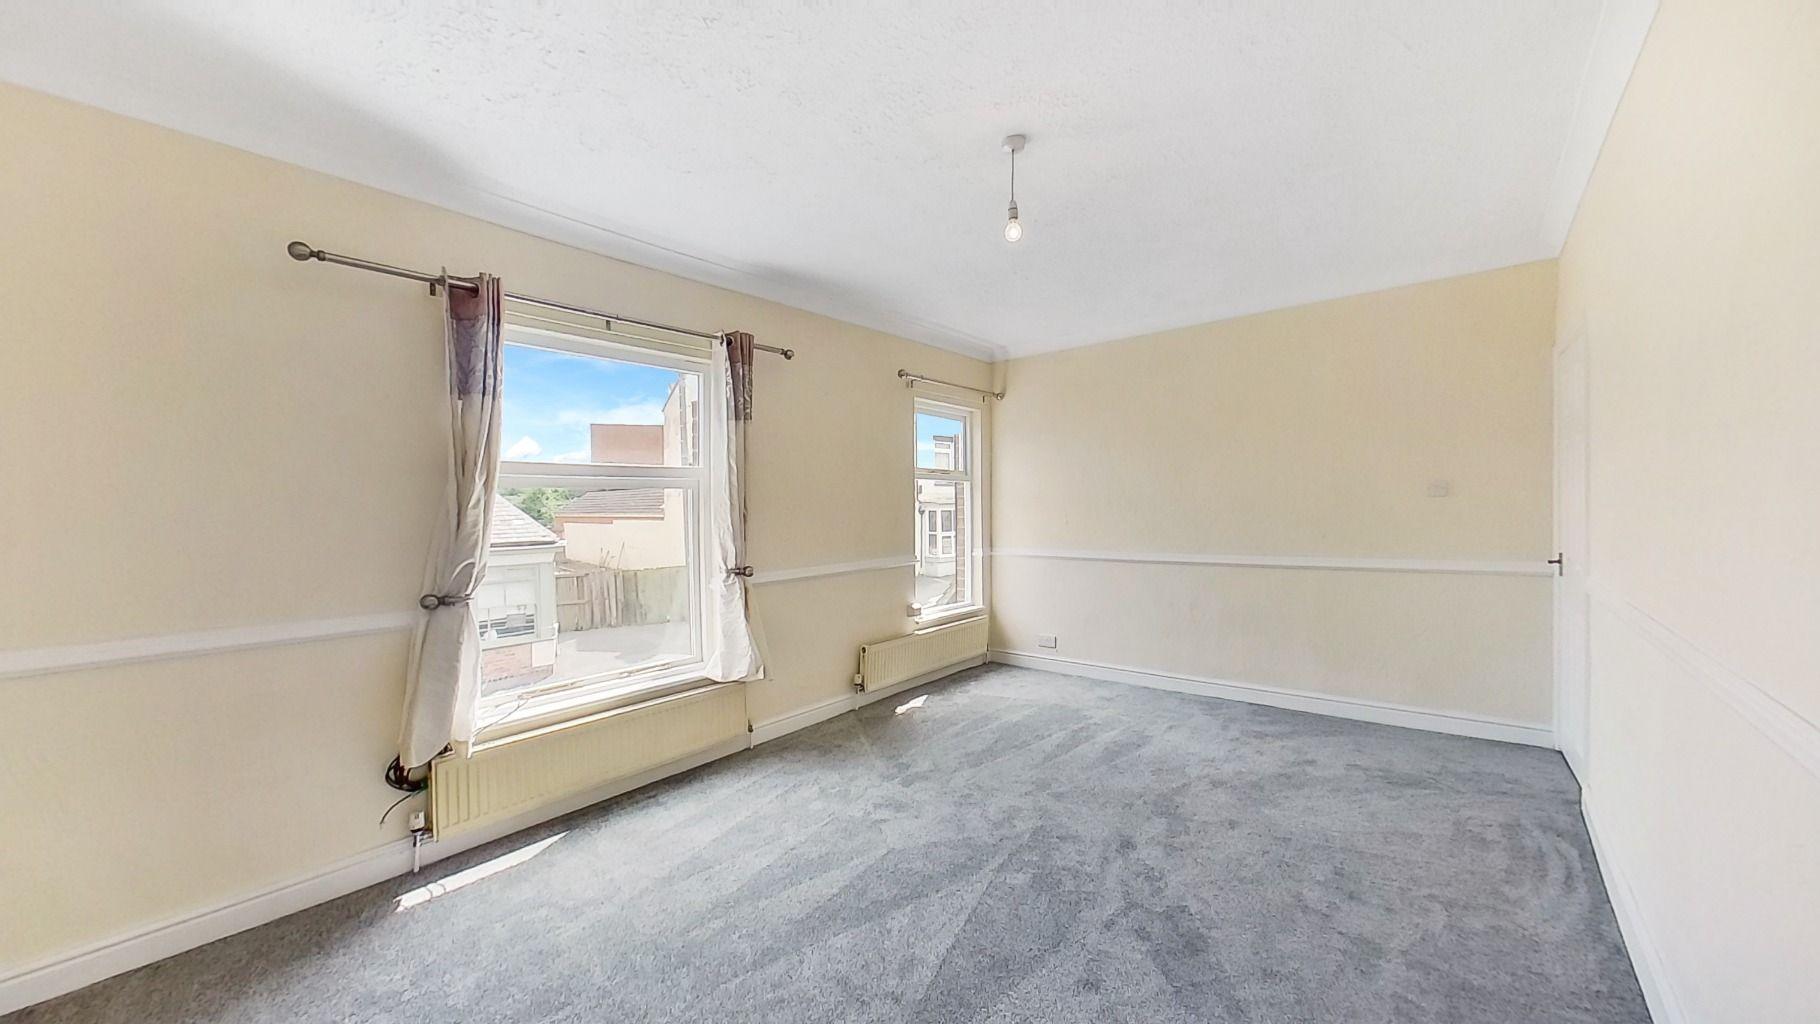 Property photo 1 of 6. Top-Floor-41-Alexandra-Road-07132021_141653